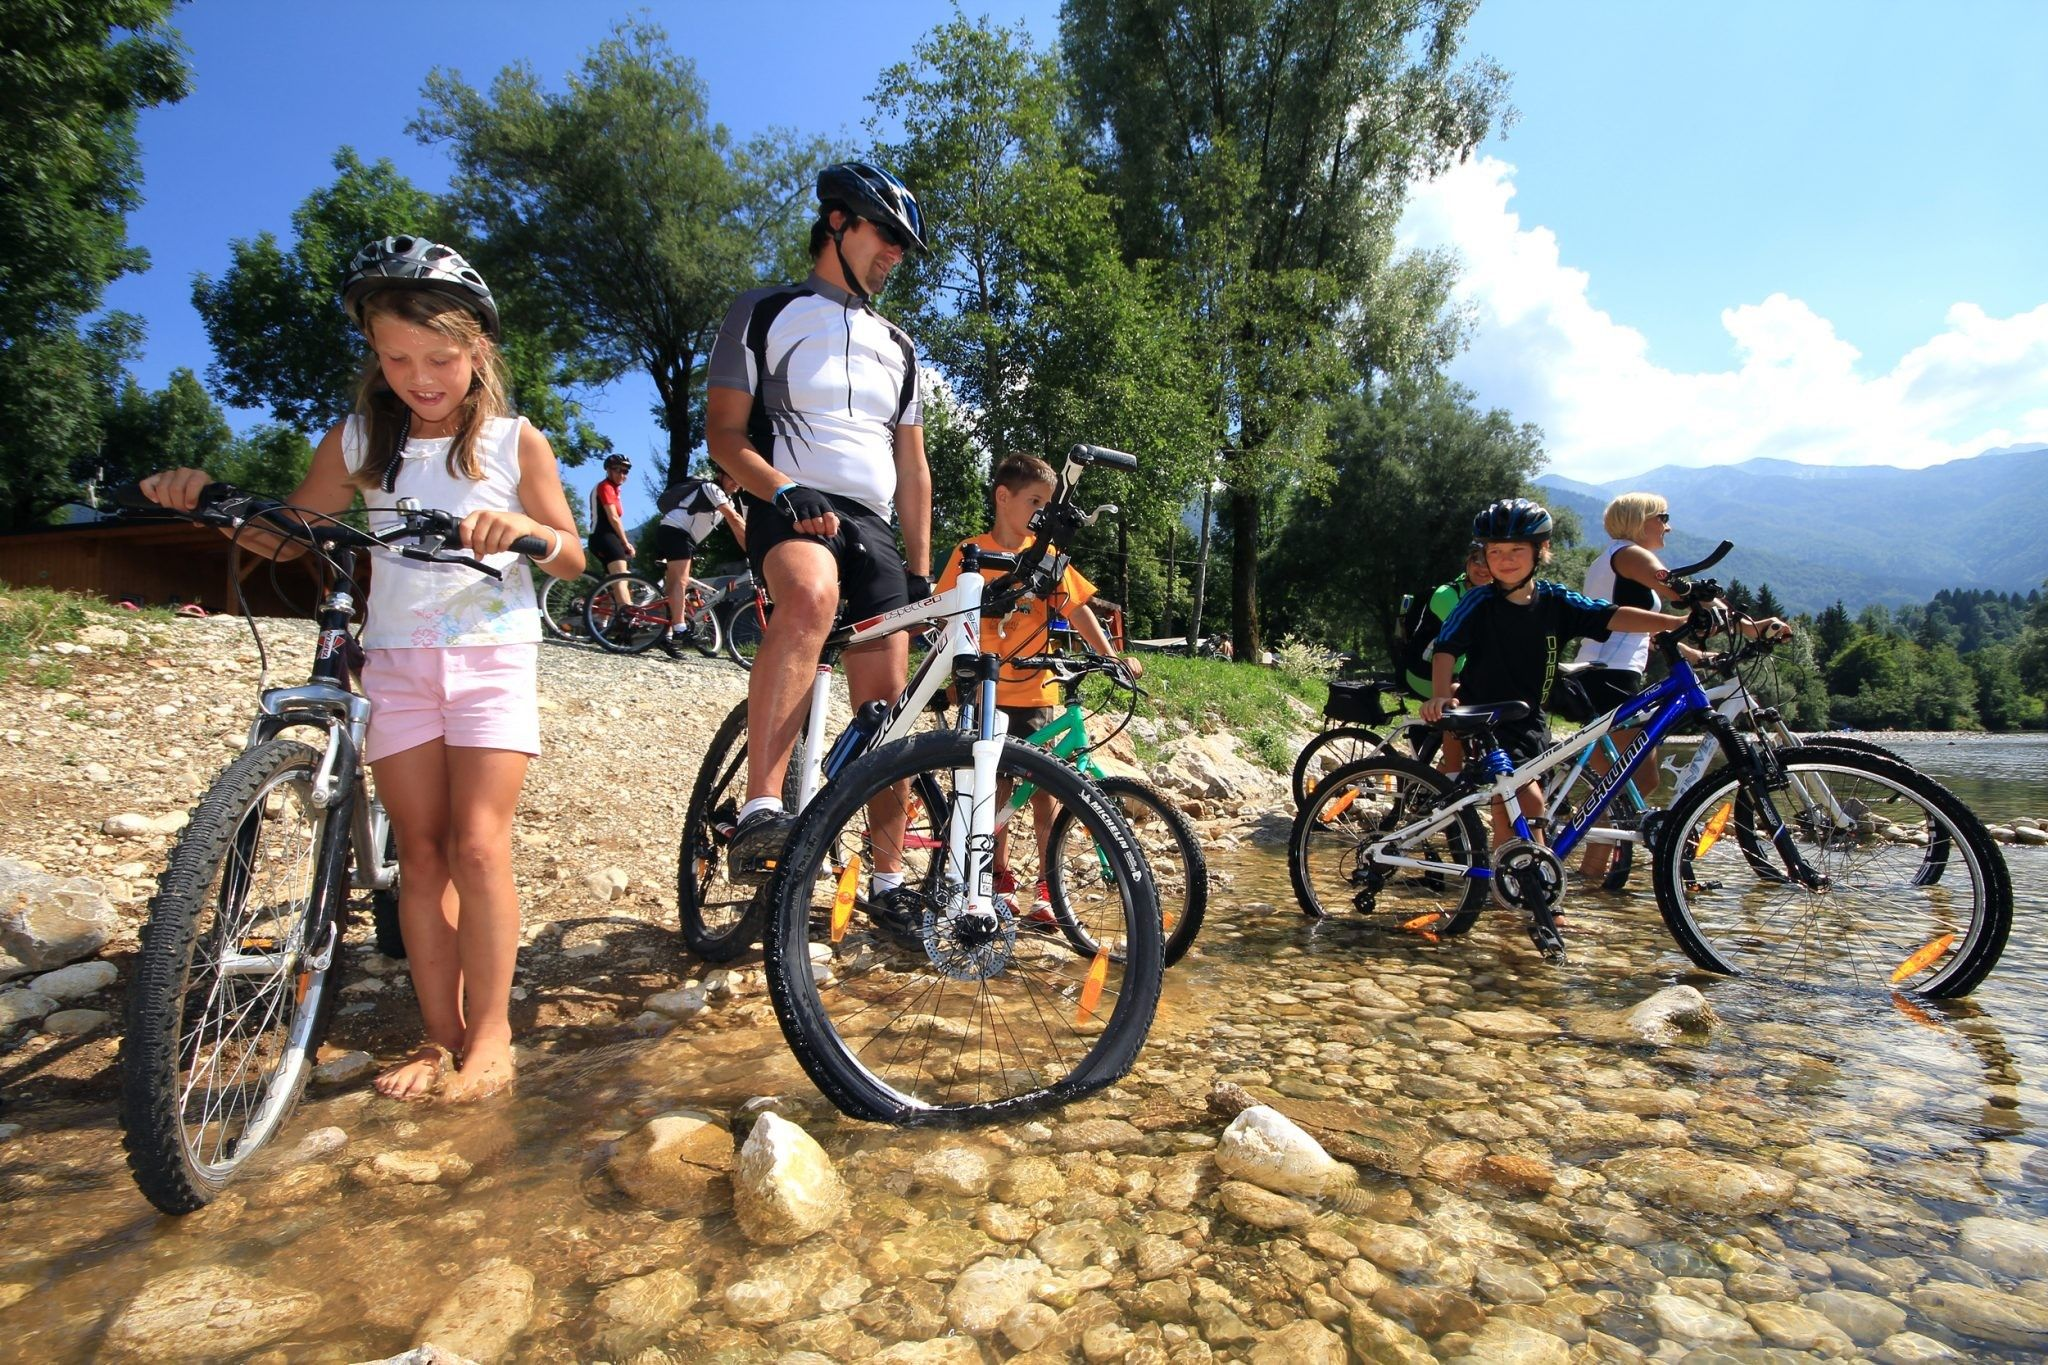 Campsite Danica activities